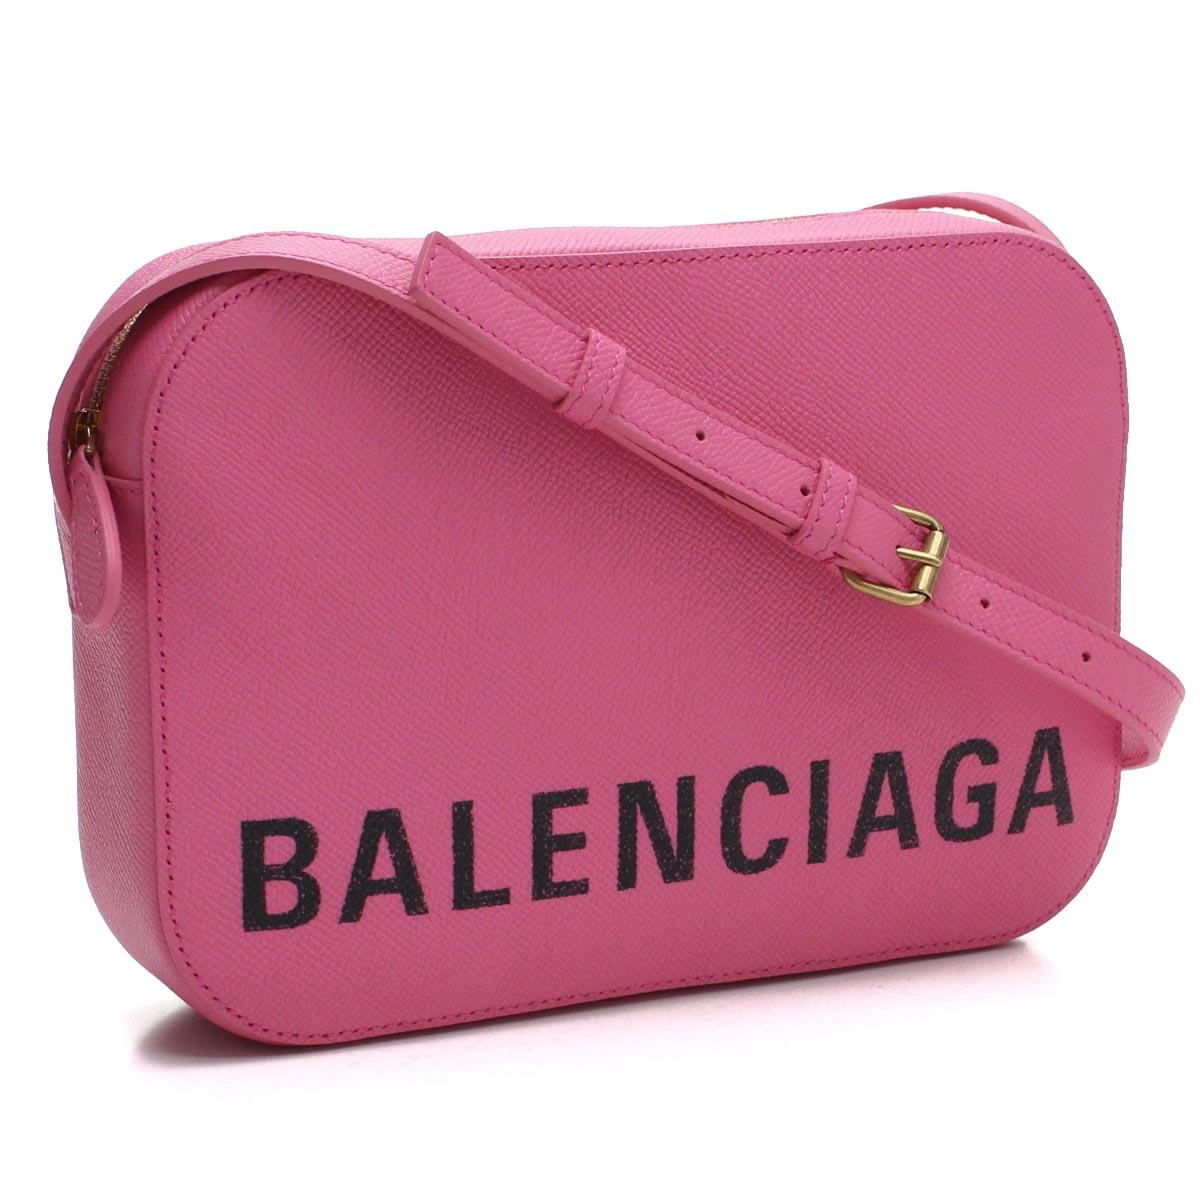 バレンシアガ BALENCIAGA ビル 斜め掛け ショルダーバッグ 558172 0OTDM 5560 ROSE BUBBG/L NOIR ピンク系 レディース